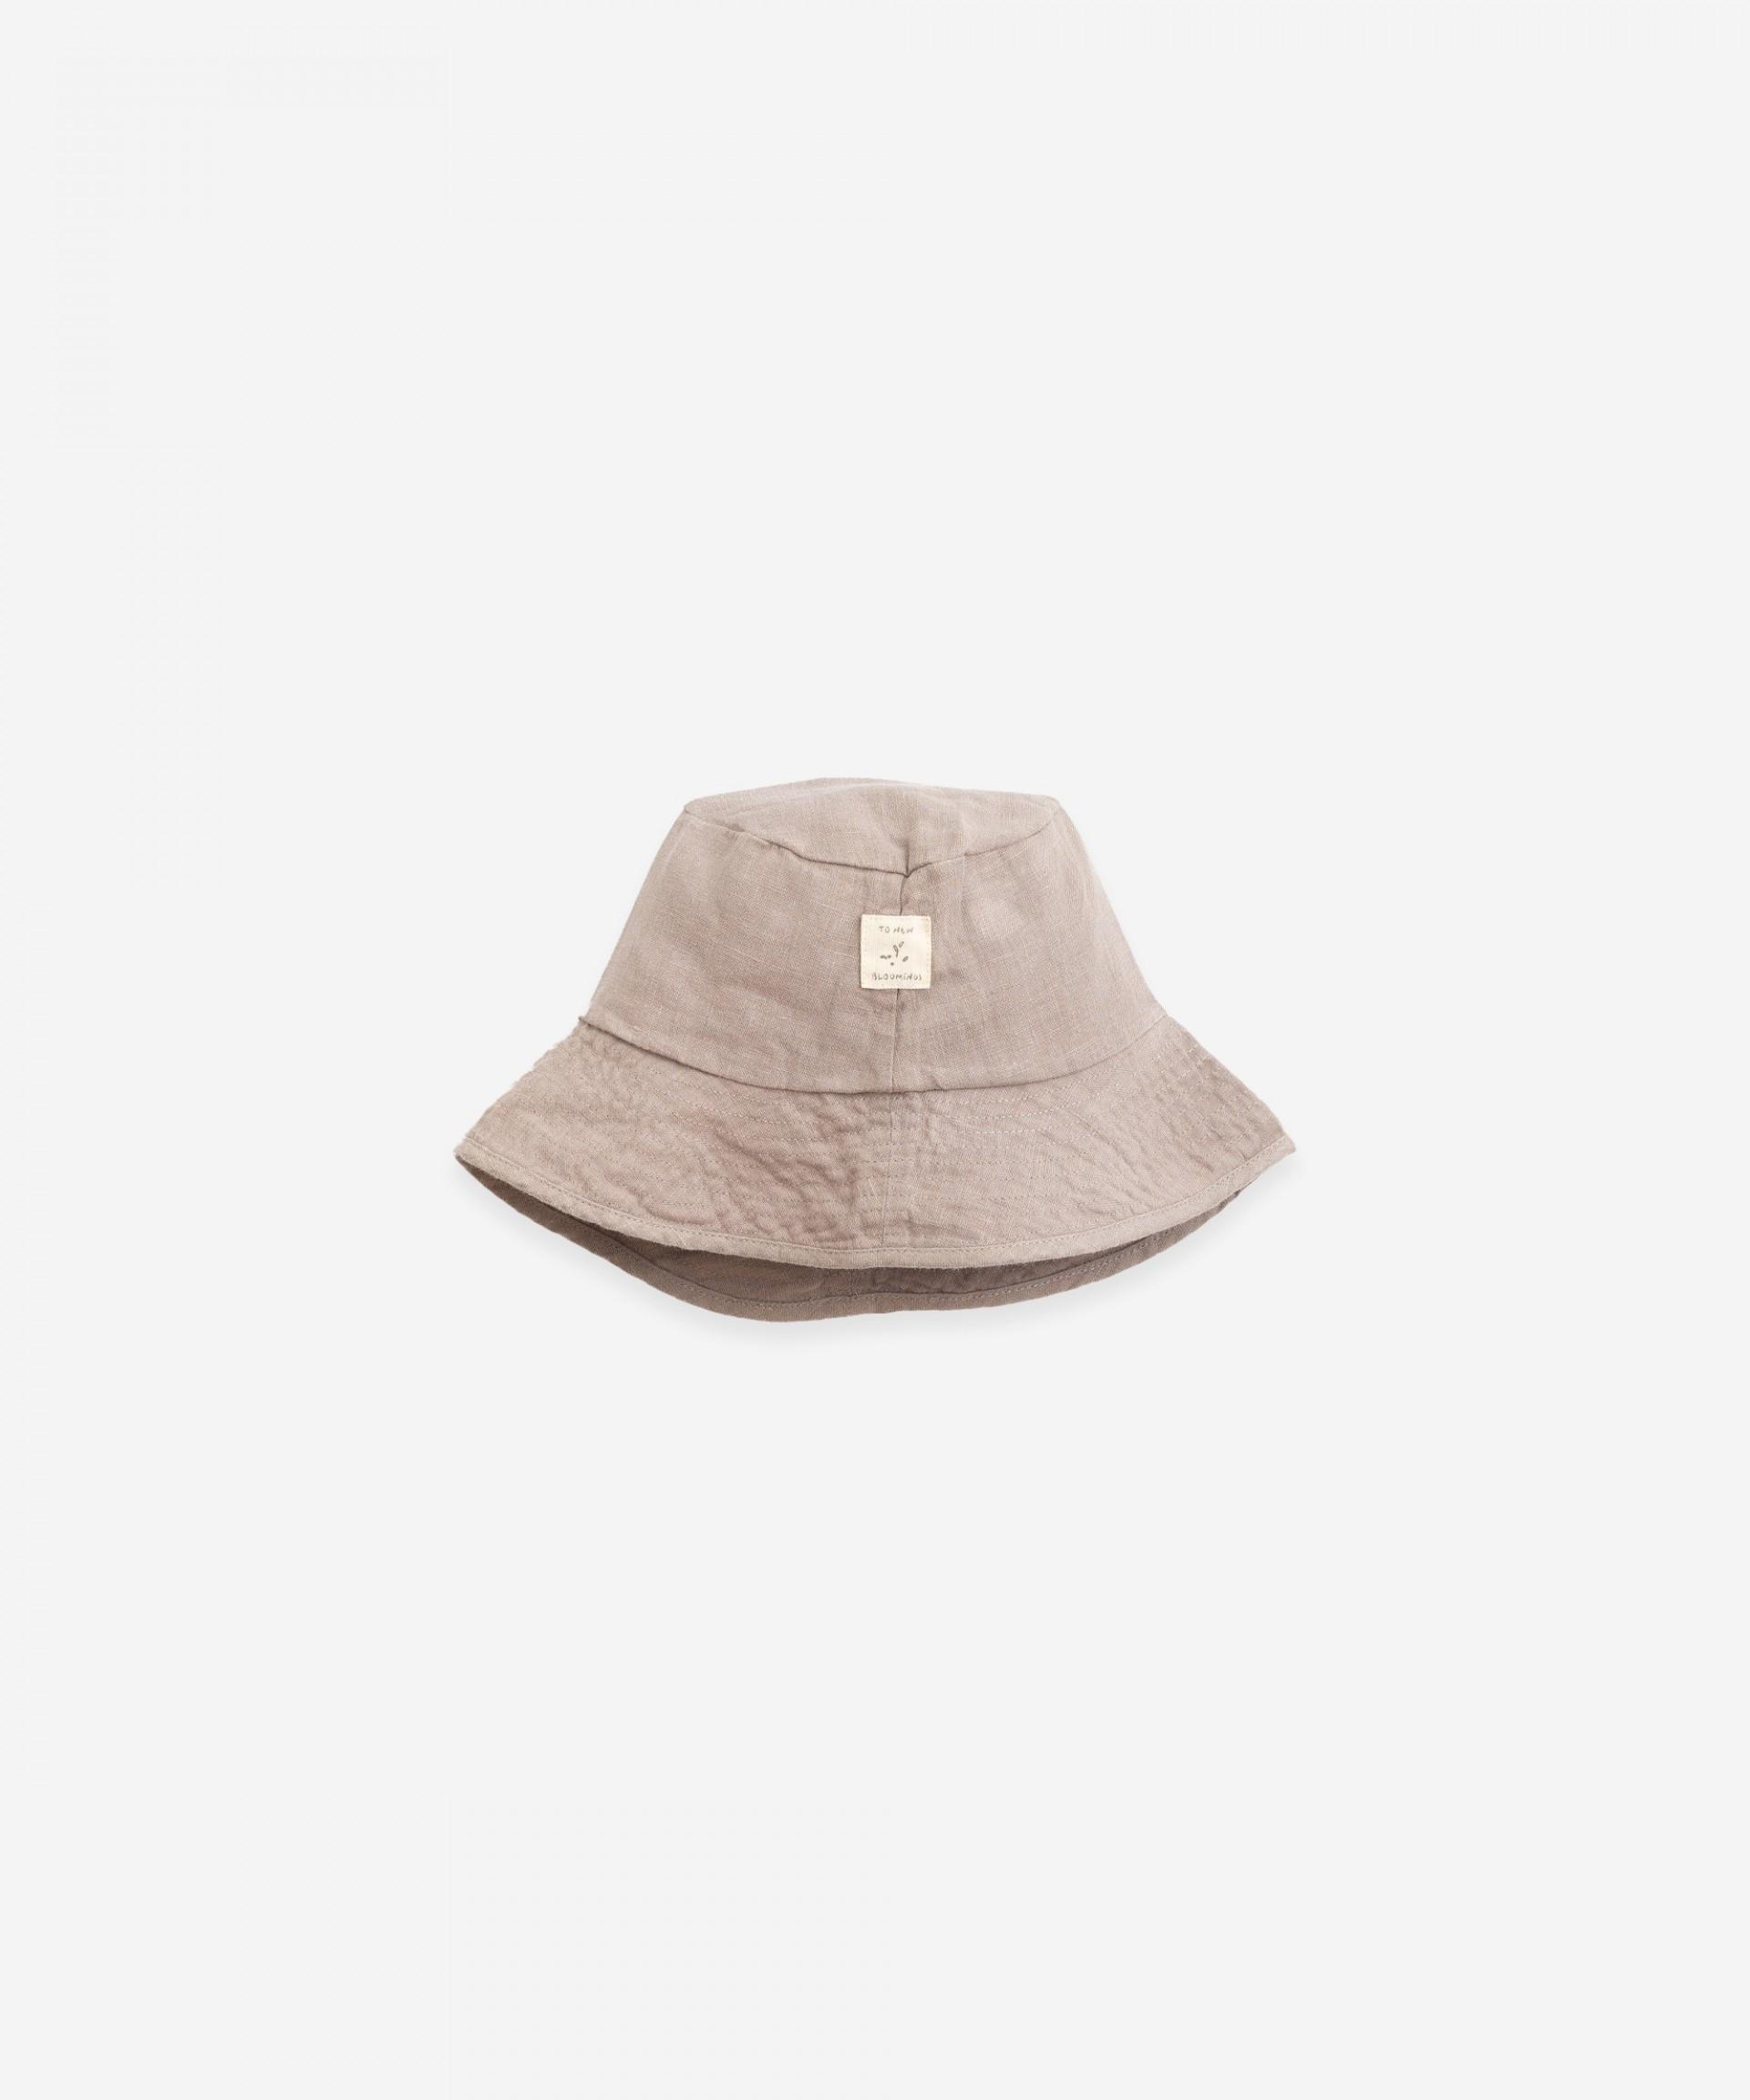 Chapéu de linho com aba grande | Botany